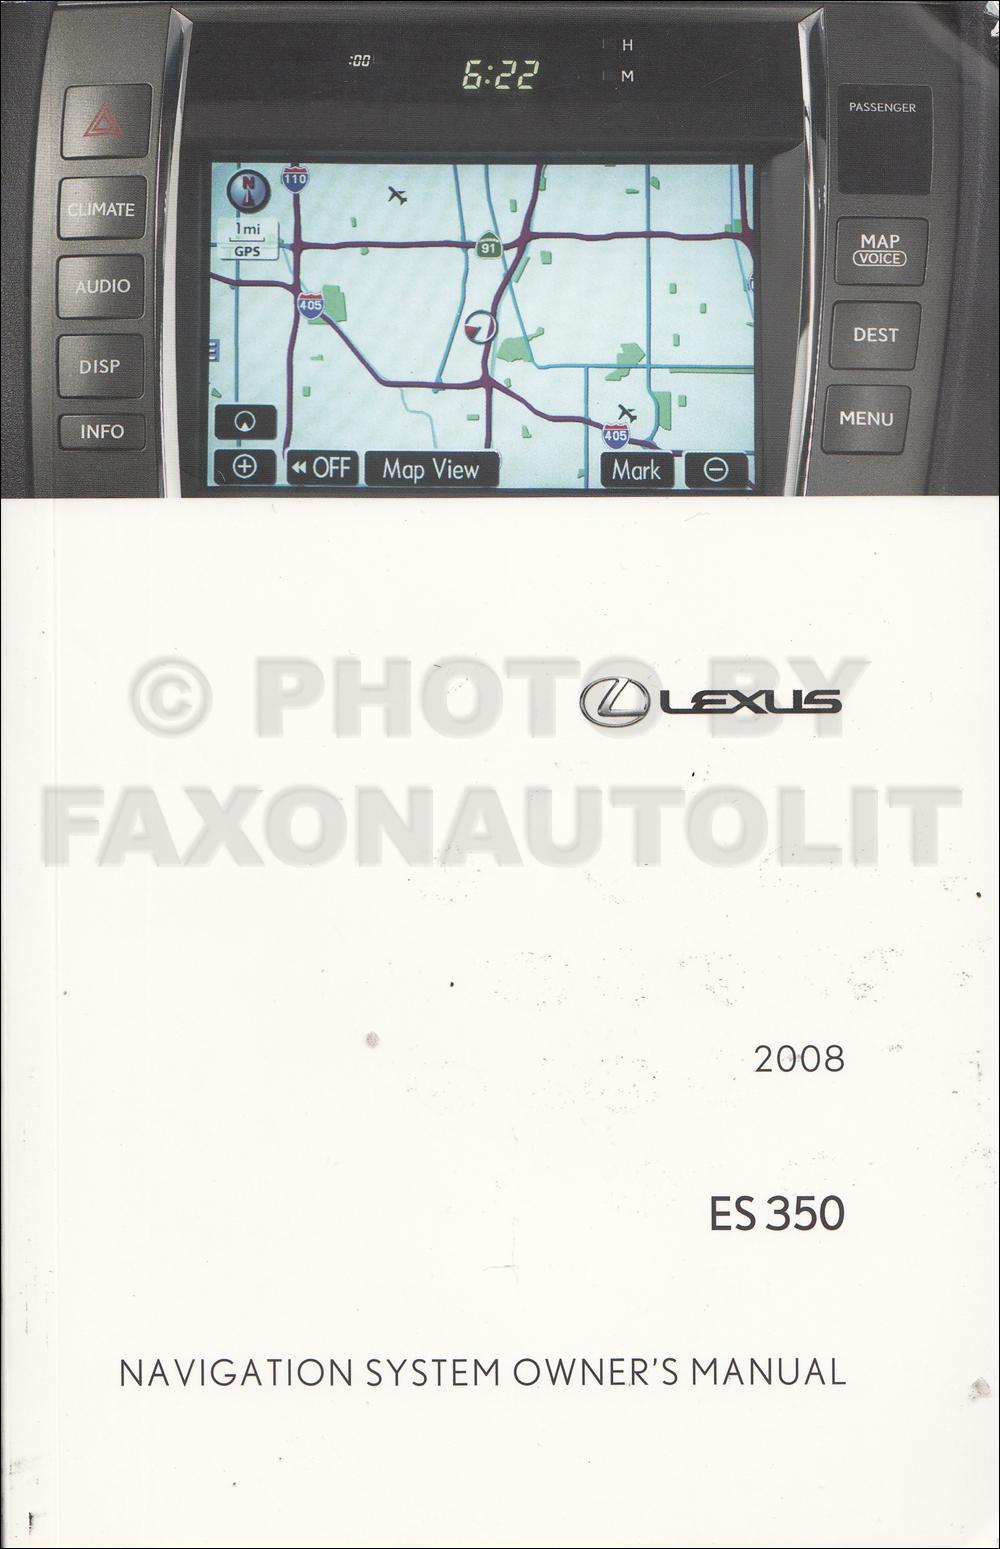 2008 lexus es 350 navigation system owners manual original rh faxonautoliterature com lexus gx 460 navigation system manual lexus 450h navigation system manual